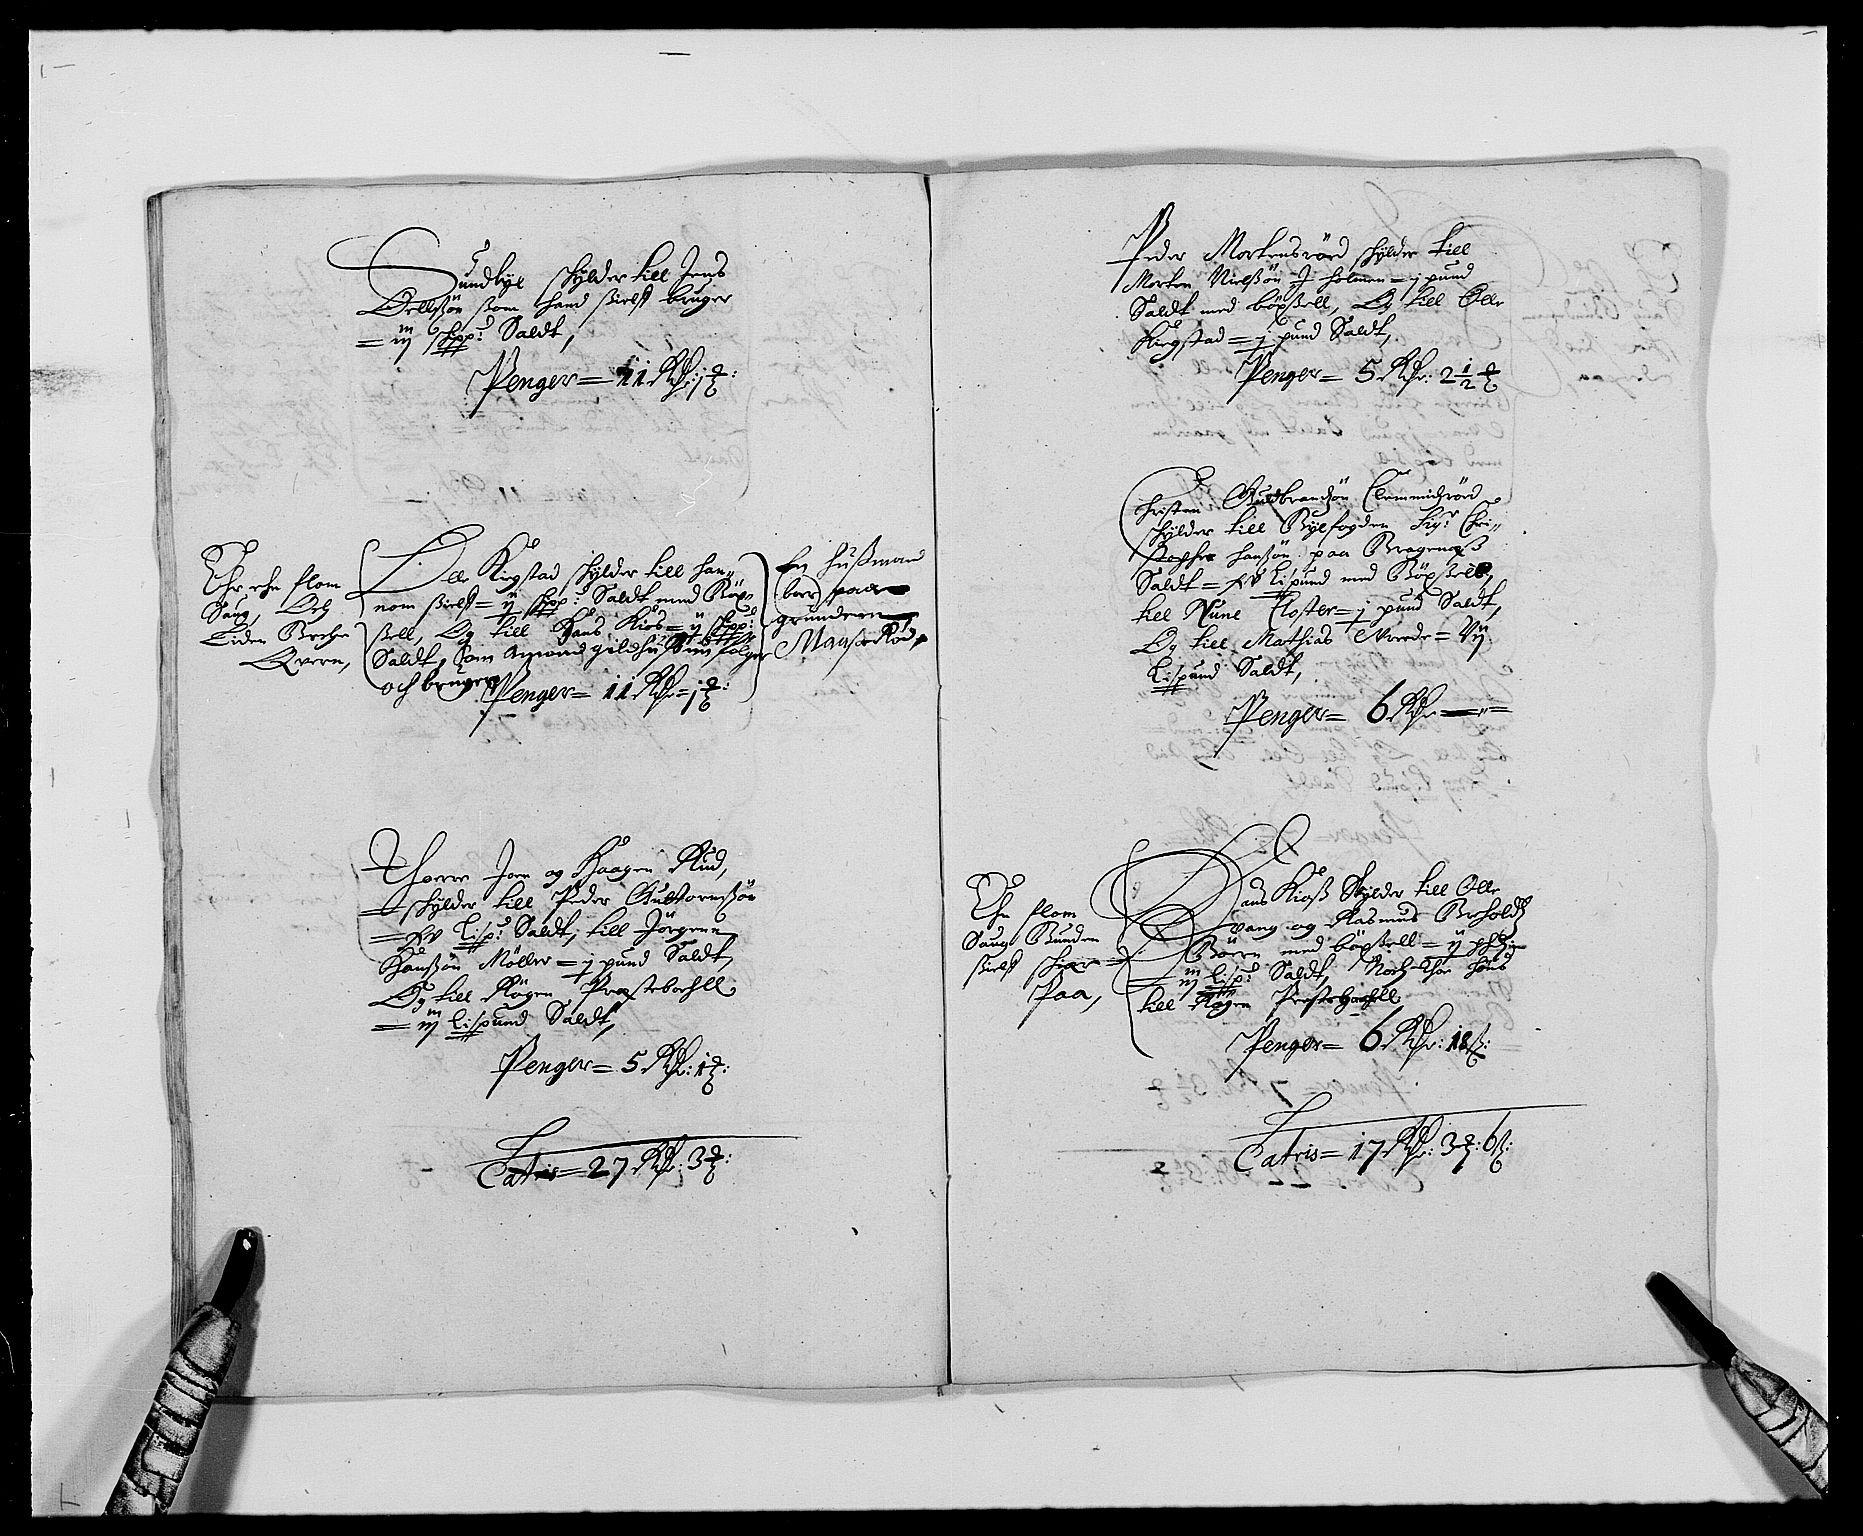 RA, Rentekammeret inntil 1814, Reviderte regnskaper, Fogderegnskap, R29/L1691: Fogderegnskap Hurum og Røyken, 1678-1681, s. 367